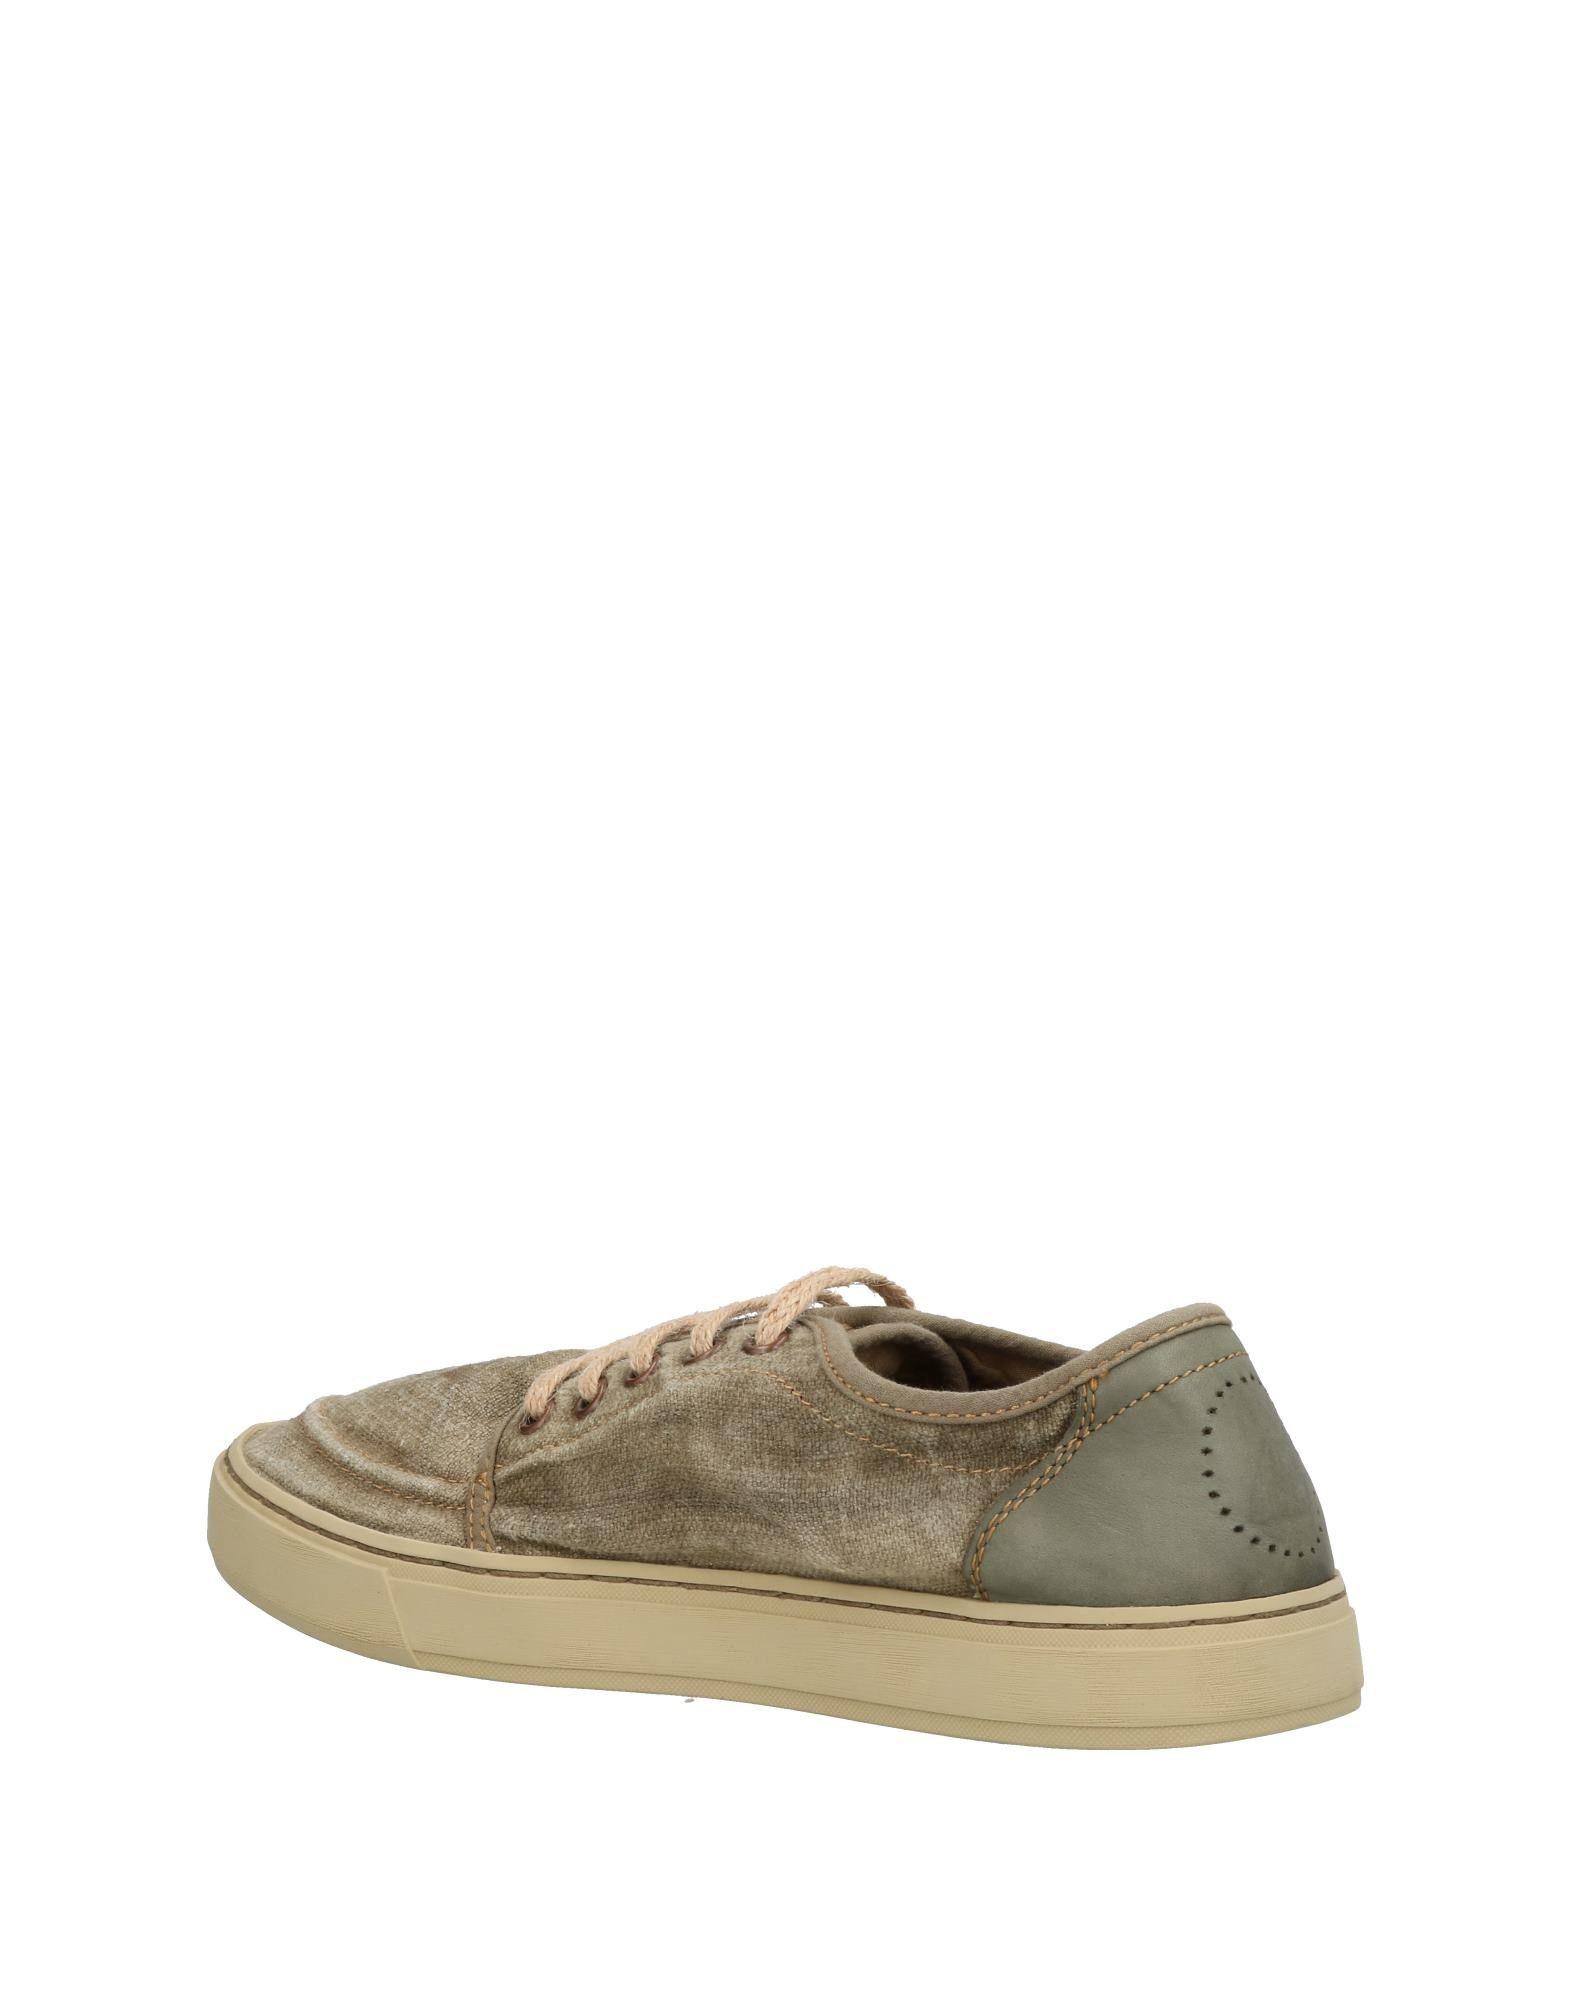 Rabatt Herren echte Schuhe Satorisan Sneakers Herren Rabatt  11375400QV f73536